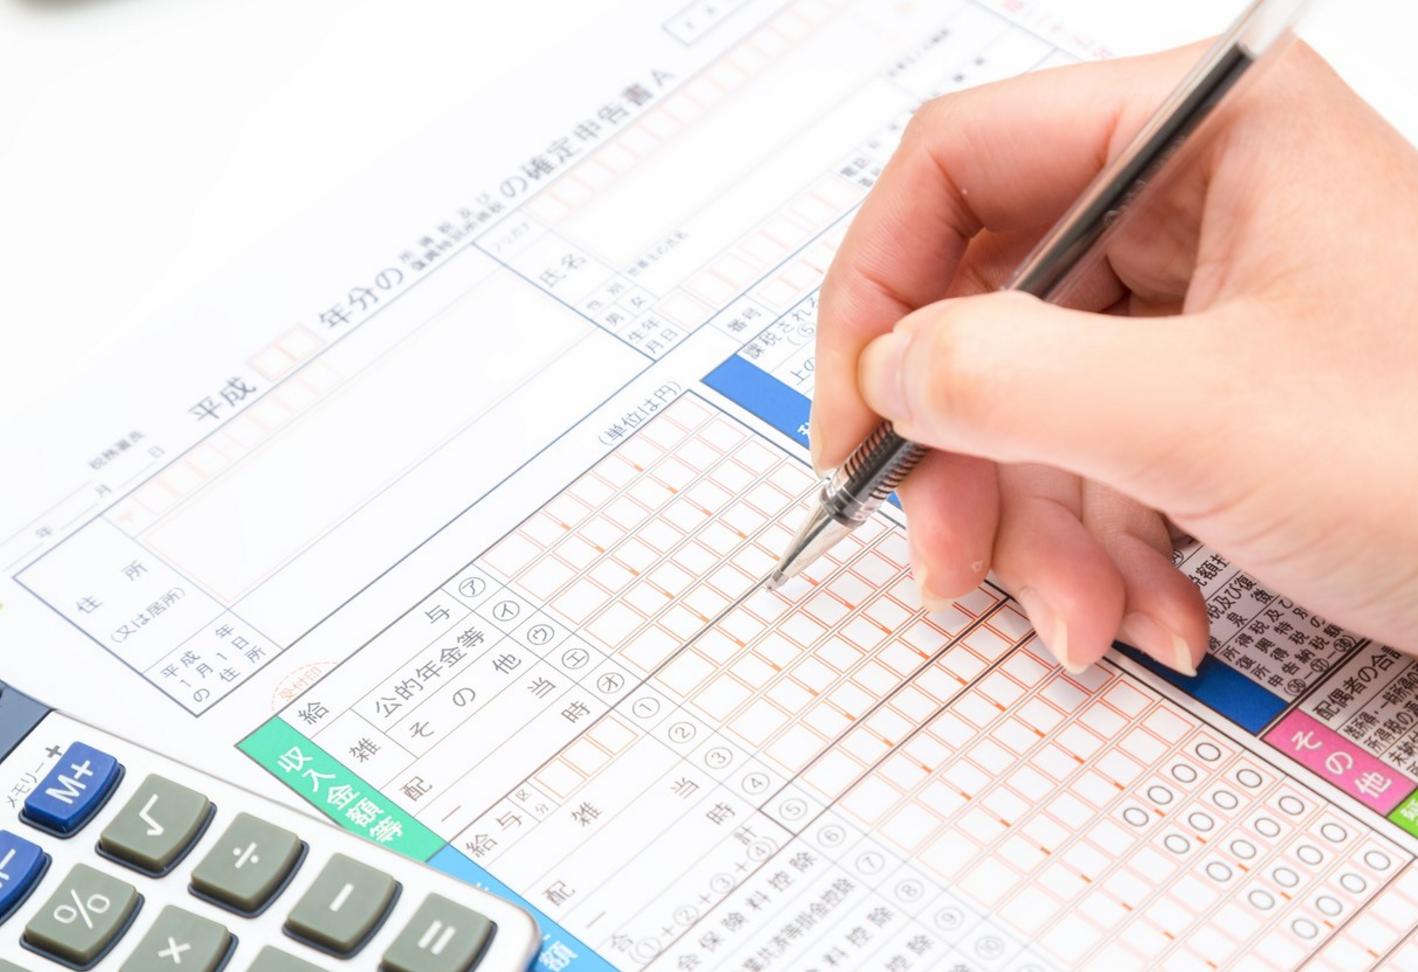 起業するなら会計知識を身につけるのは当たり前です